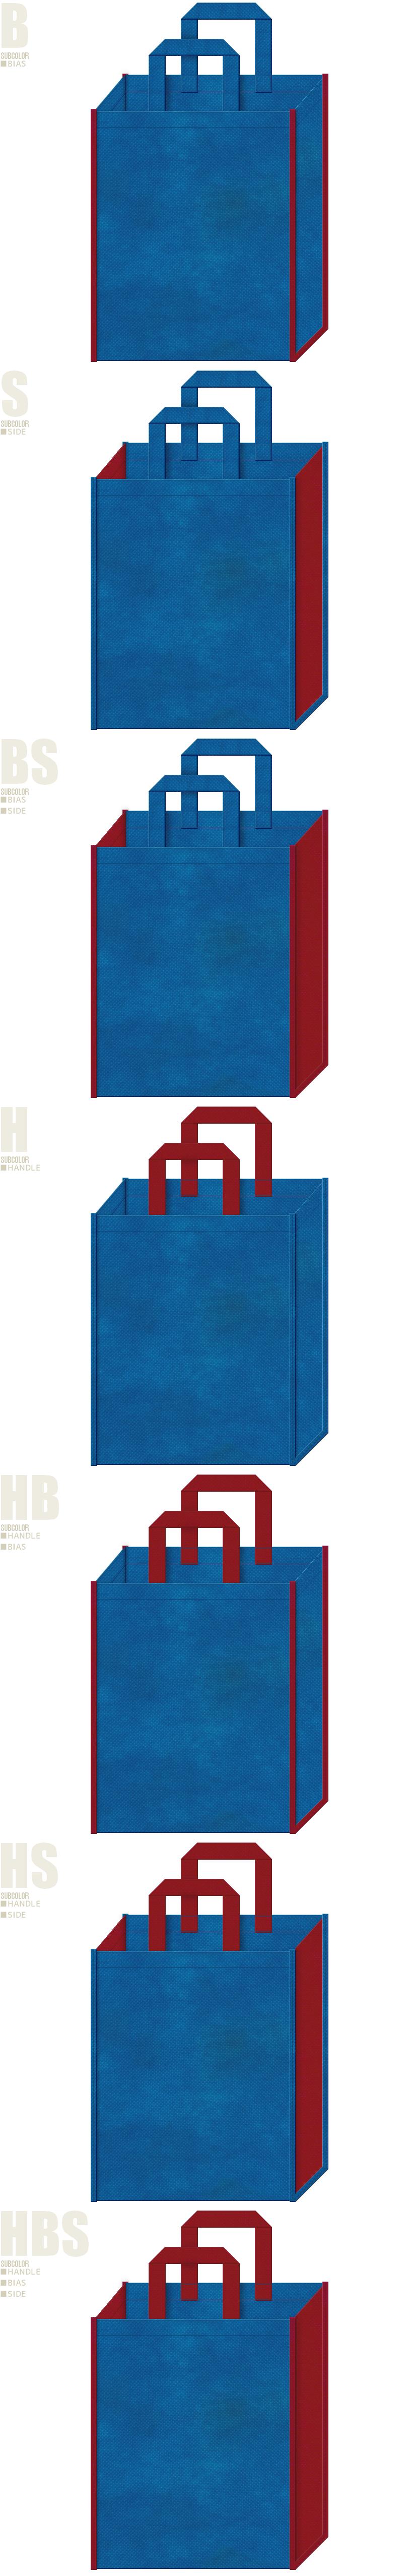 不織布バッグのデザイン:青色とエンジ色の配色7パターン